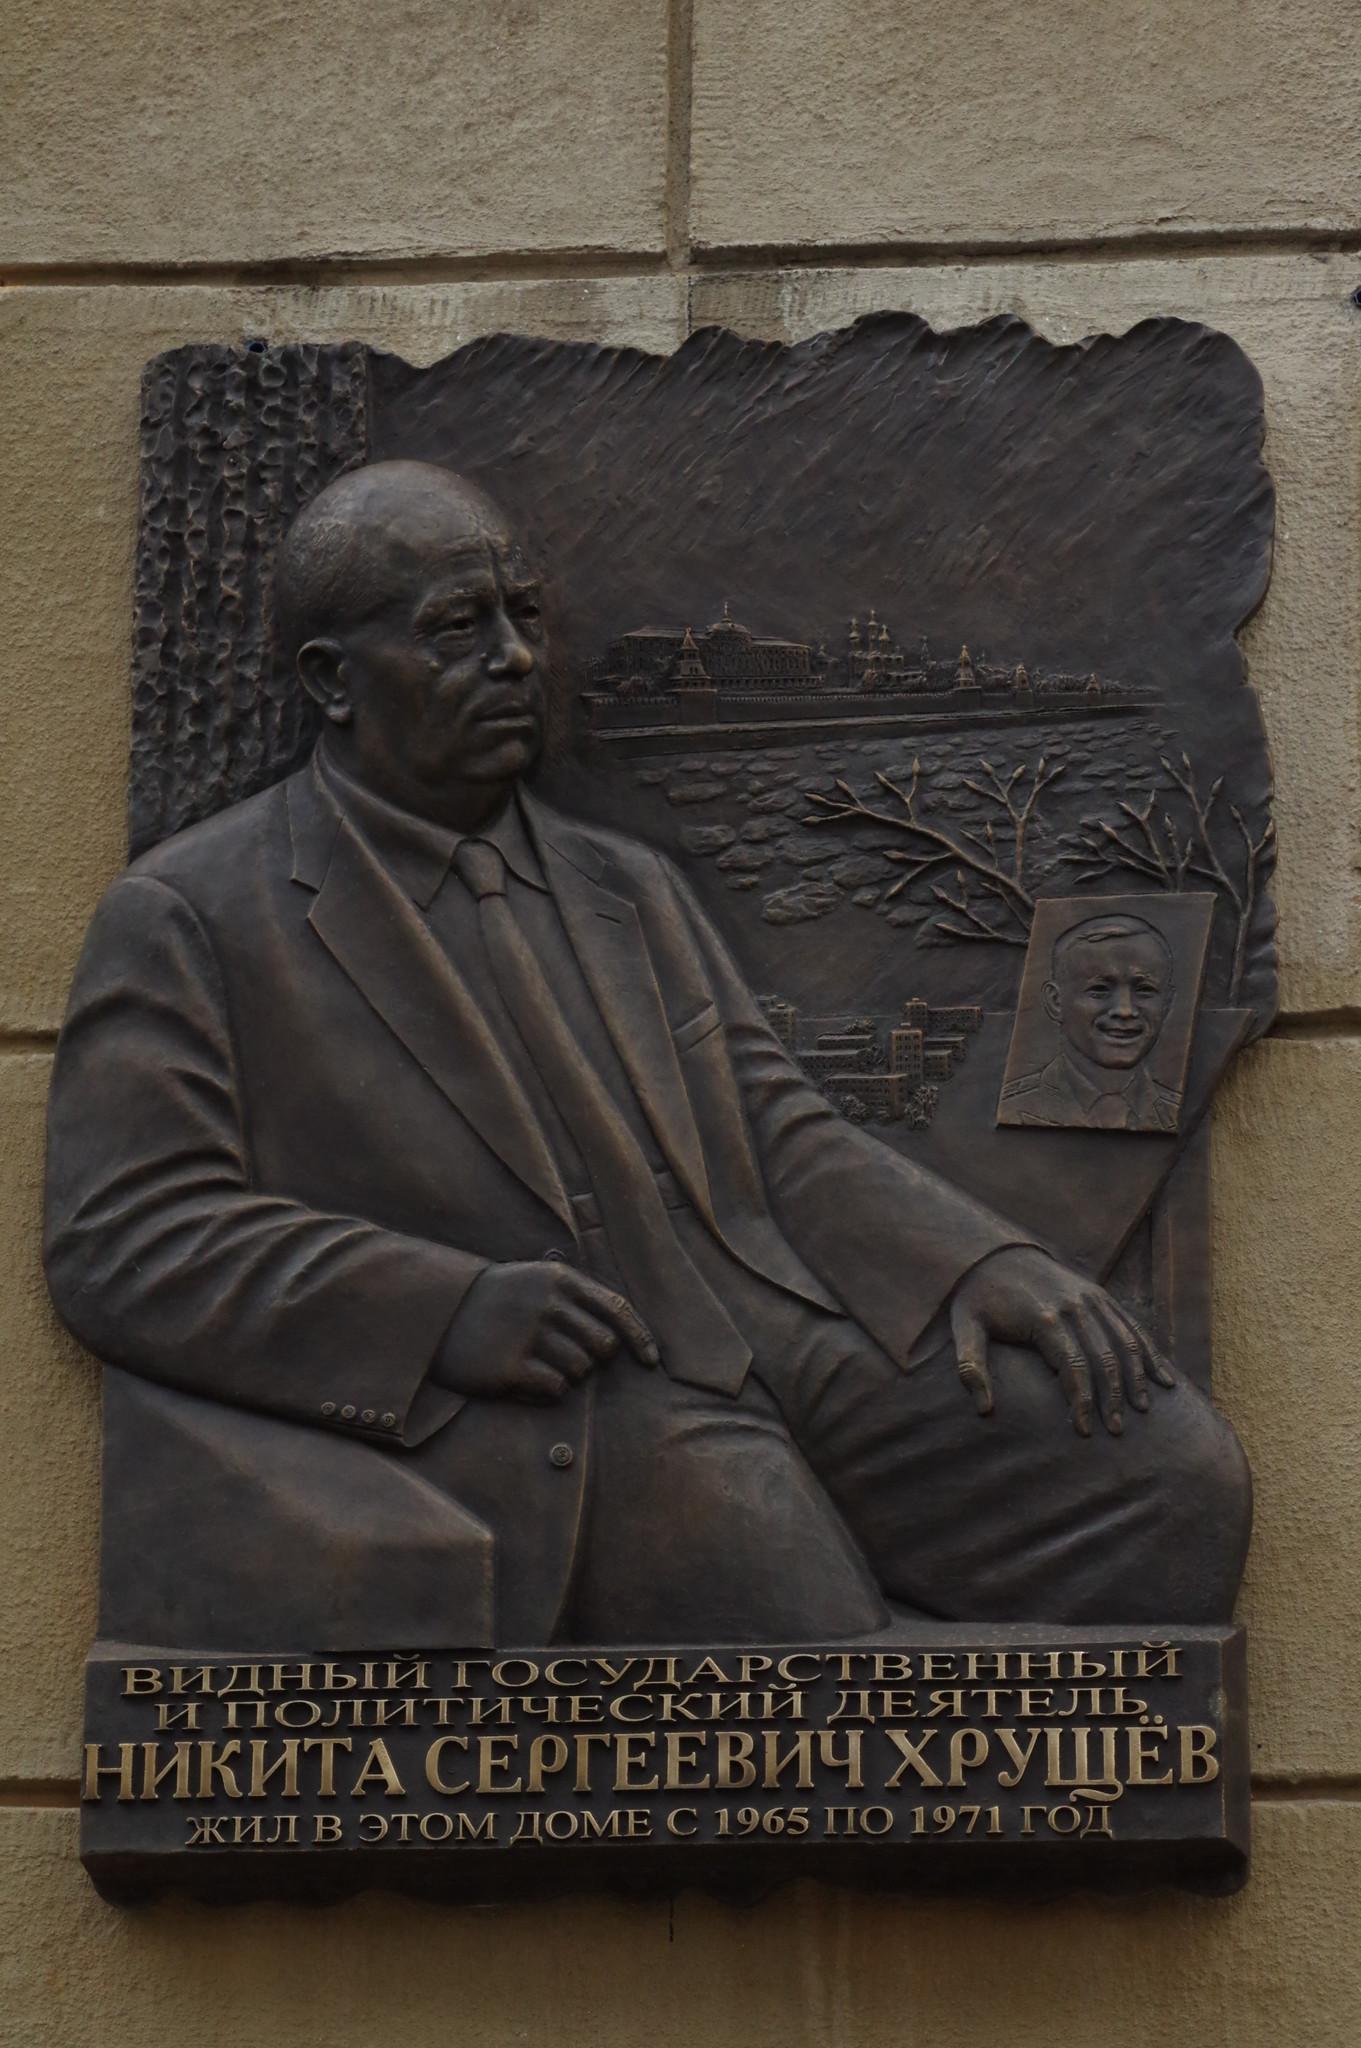 Мемориальная доска первому секретарю ЦК КПСС, председателю Совета Министров СССР Никите Сергеевичу Хрущеву